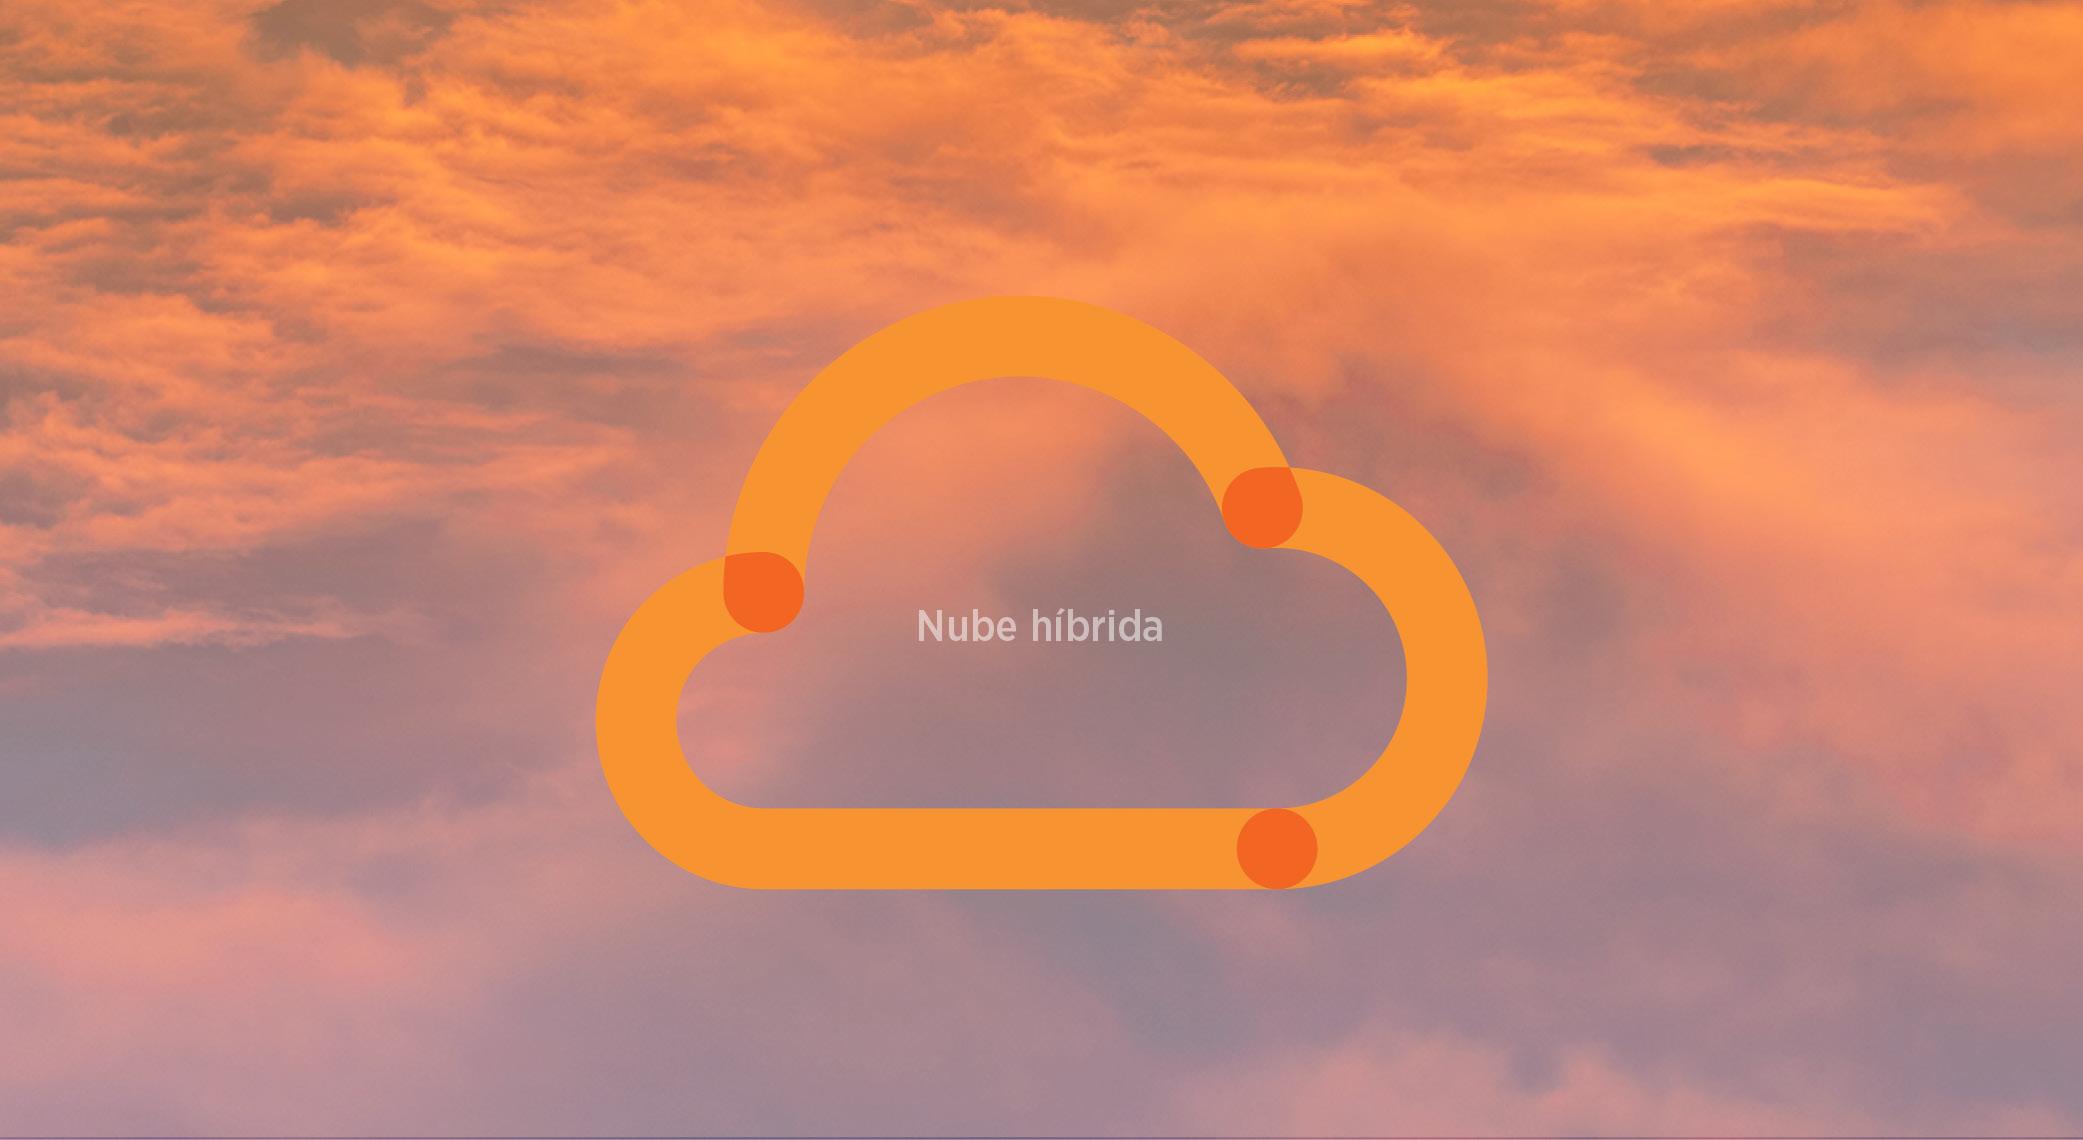 Tipo de nube-Nube híbrida